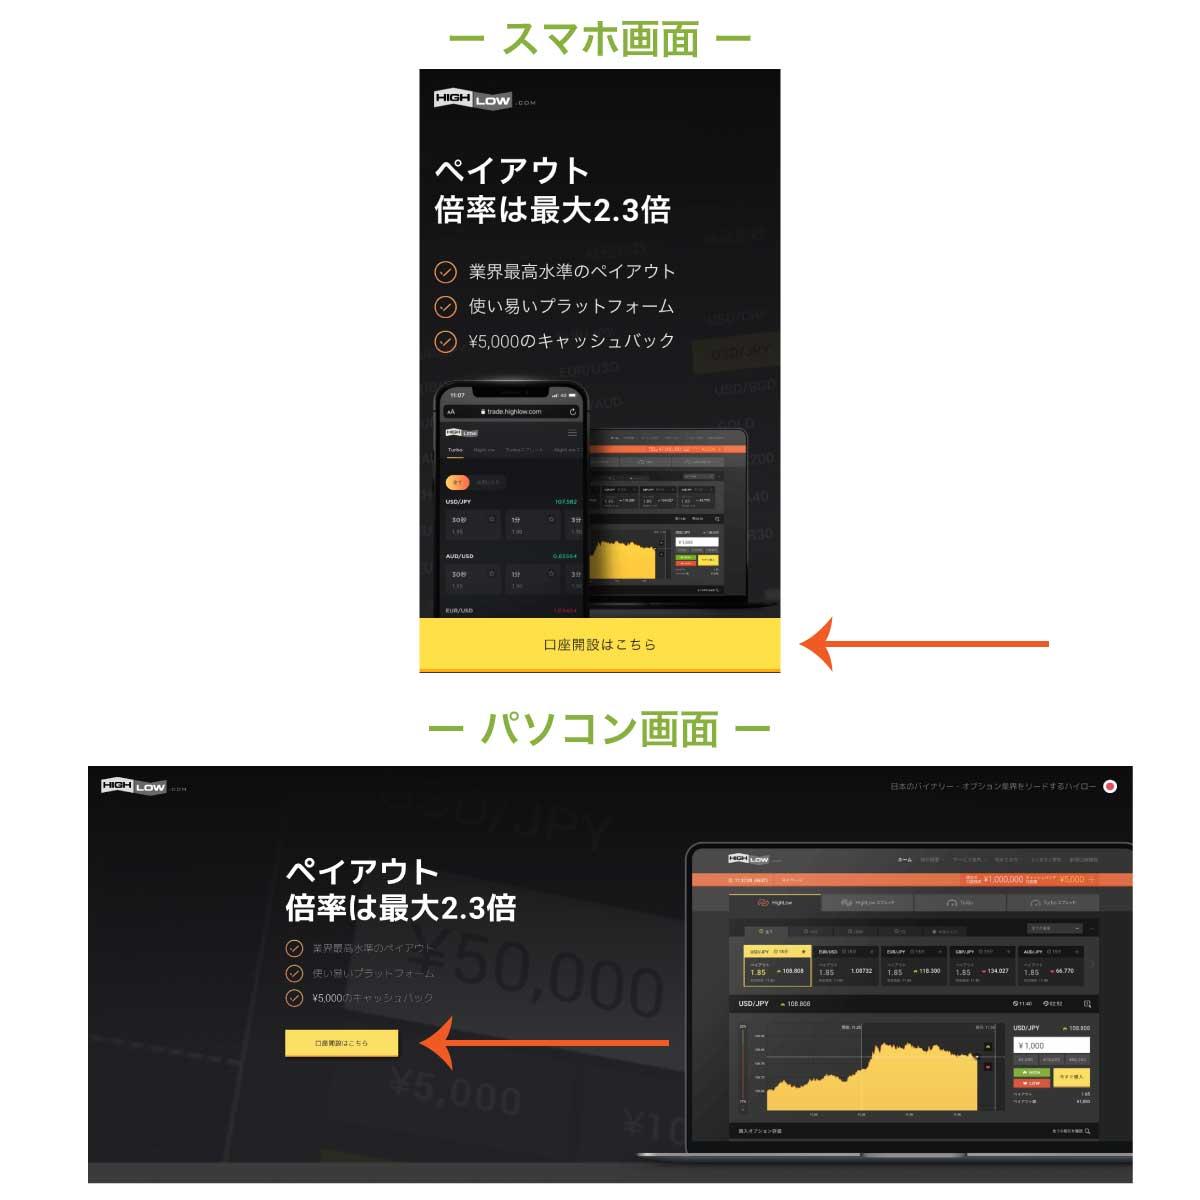 ハイロー公式サイトの「口座開設はこちら」ボタンの位置を示す画像